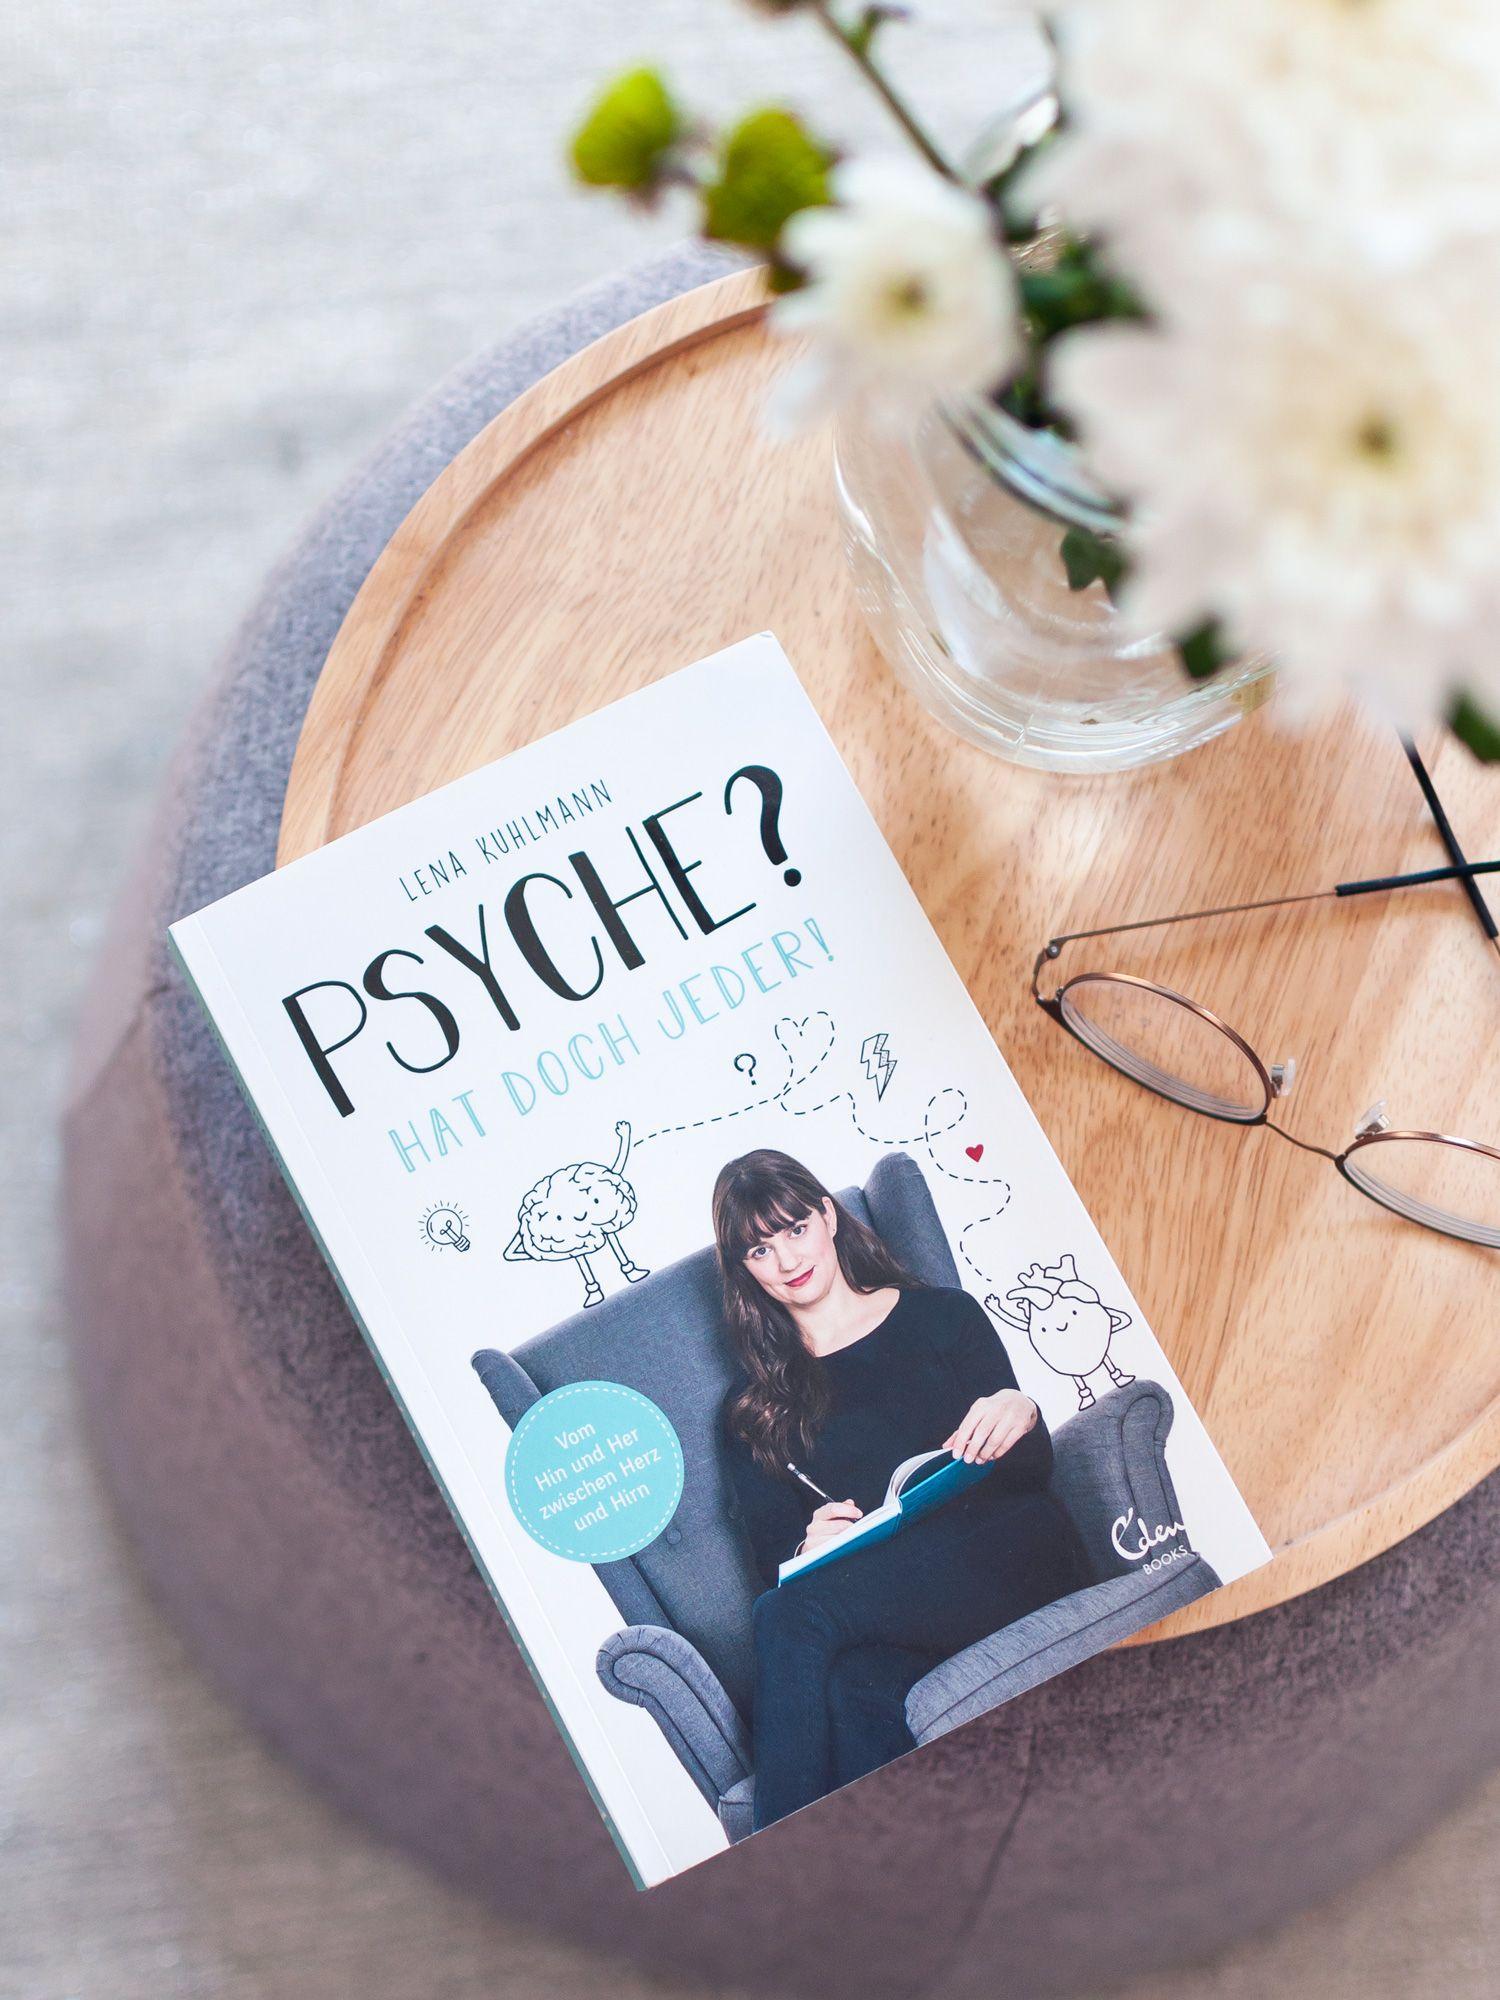 """""""Psyche? Hat doch jeder! Vom Hin und Her zwischen Herz und Hirn"""" – Ein Buch gegen die Stigmatisierung psychischer Erkrankungen und einen offeneren Umgang mit diesem Thema. #Psyche #Psychologie #verstehen #Therapie #Buchtipp"""